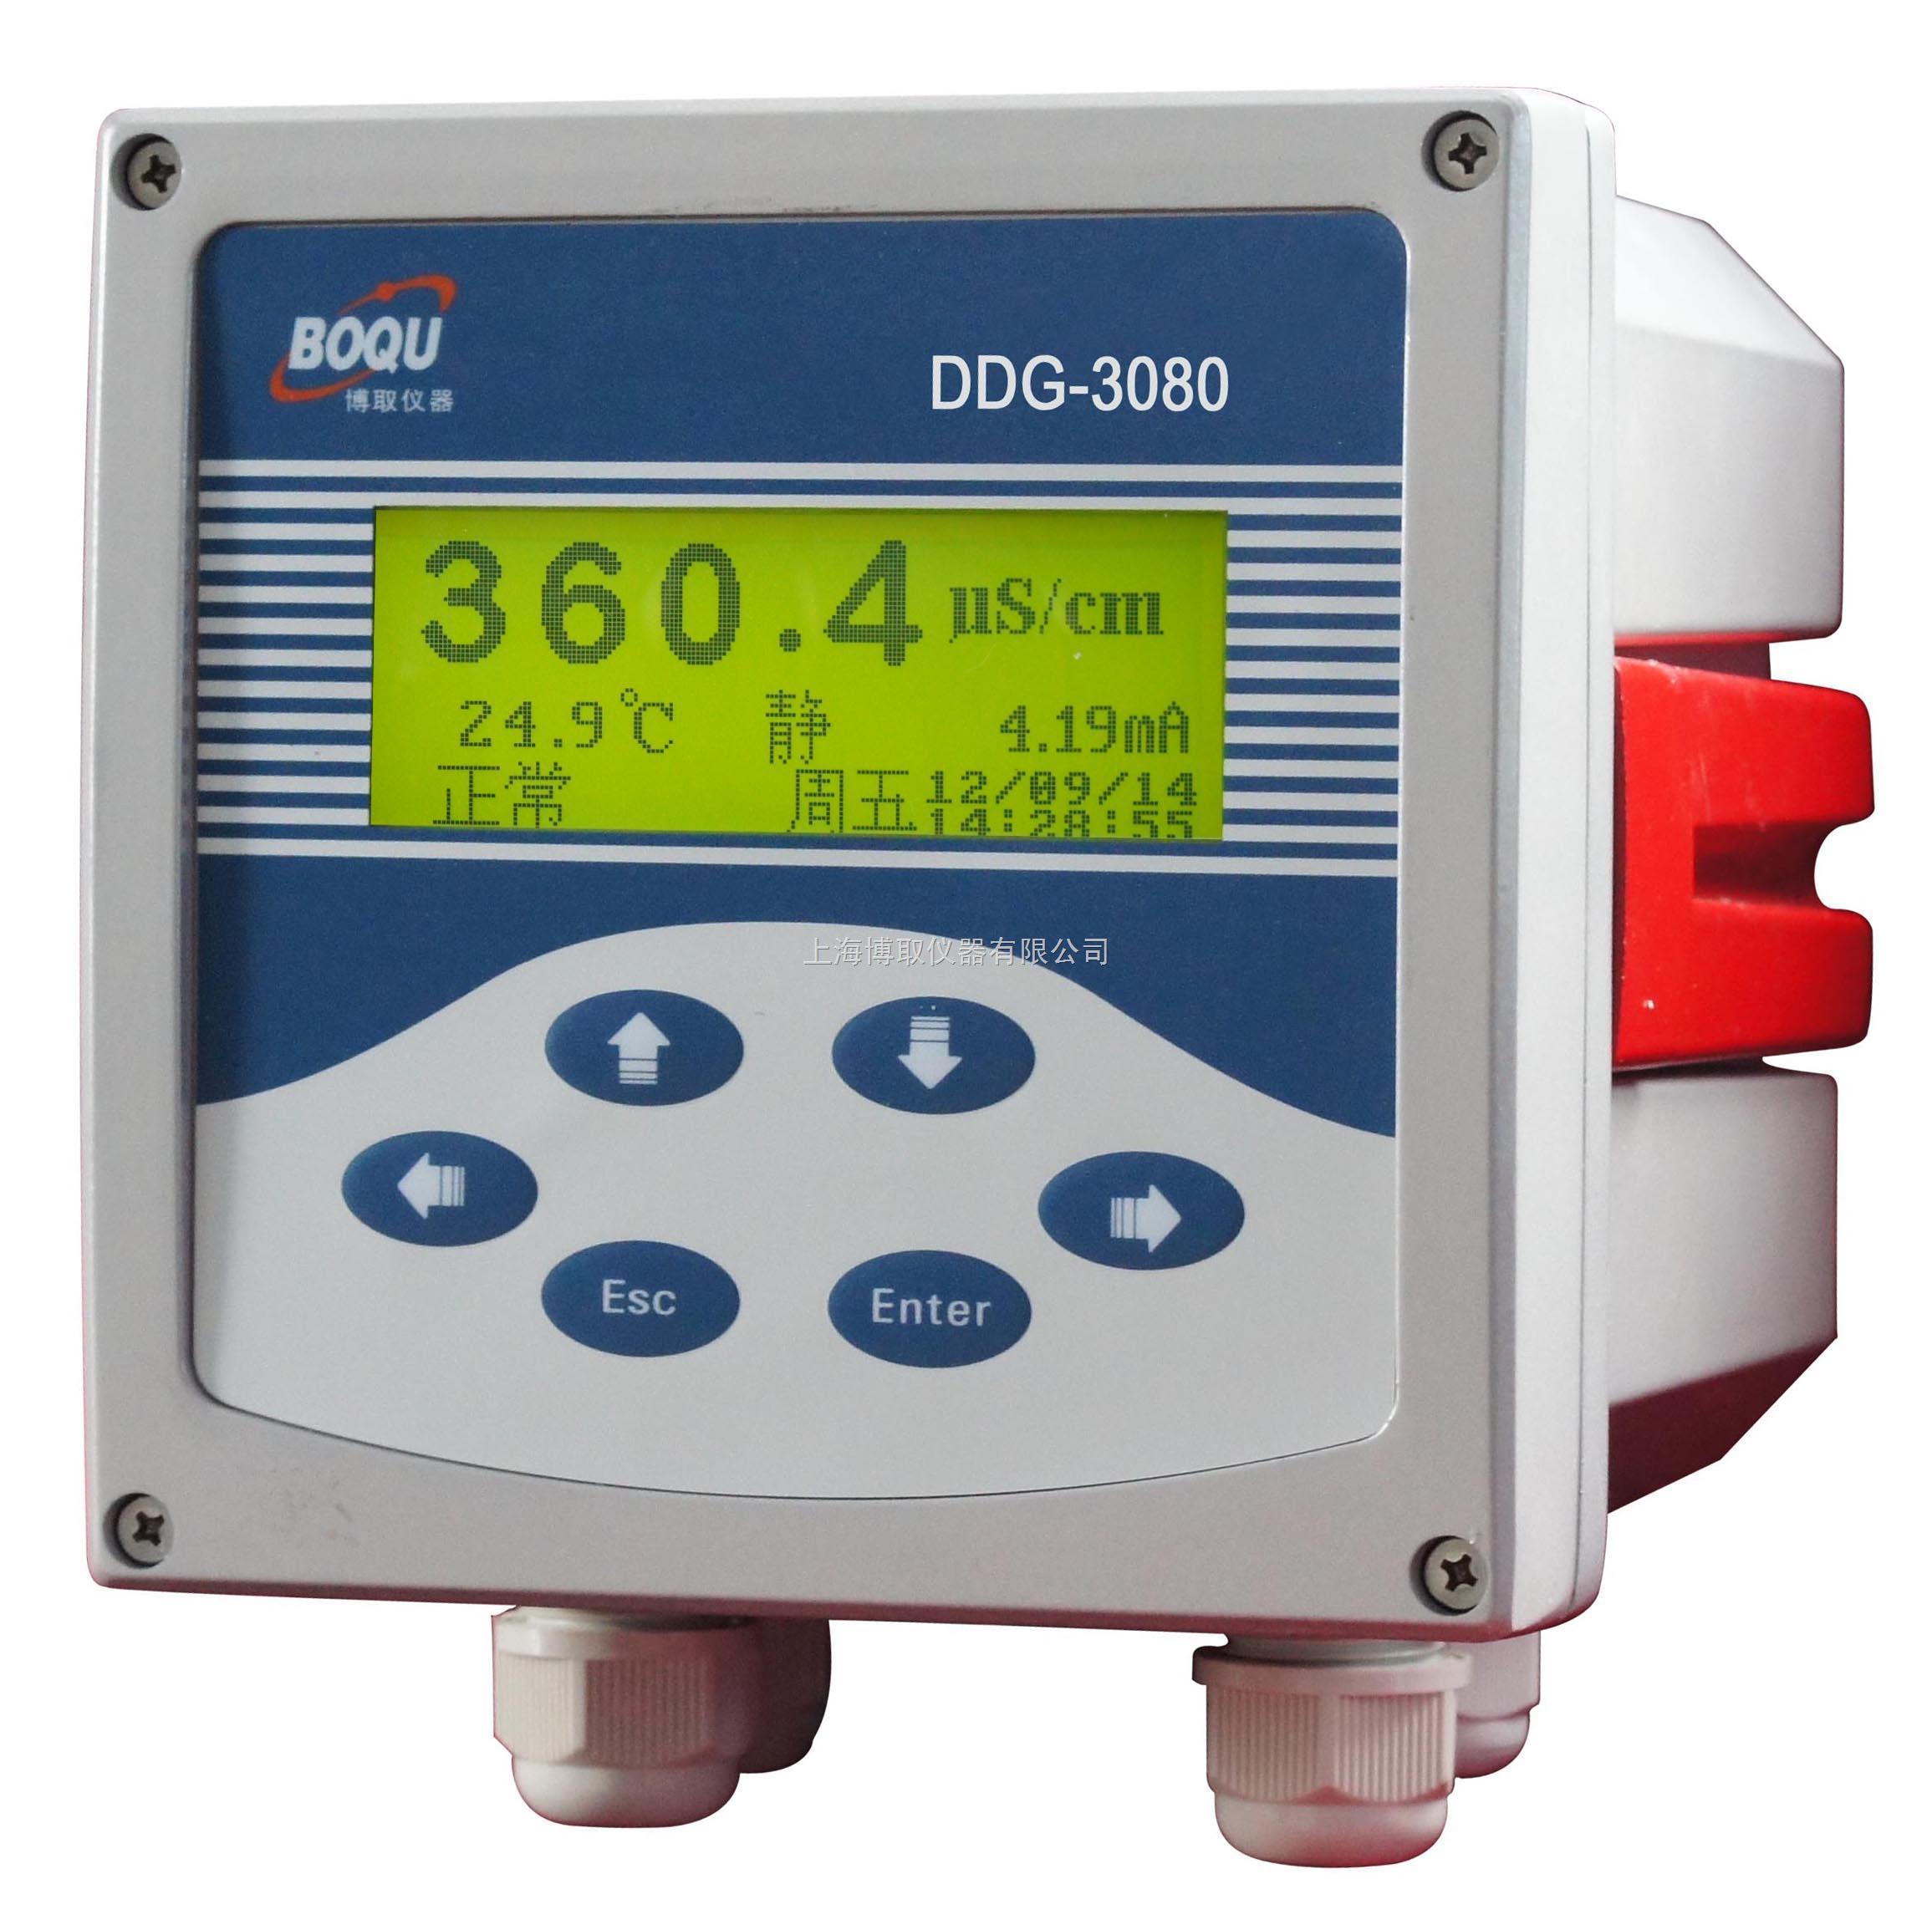 DDG-3080工业电导率仪(铸铝壳体)